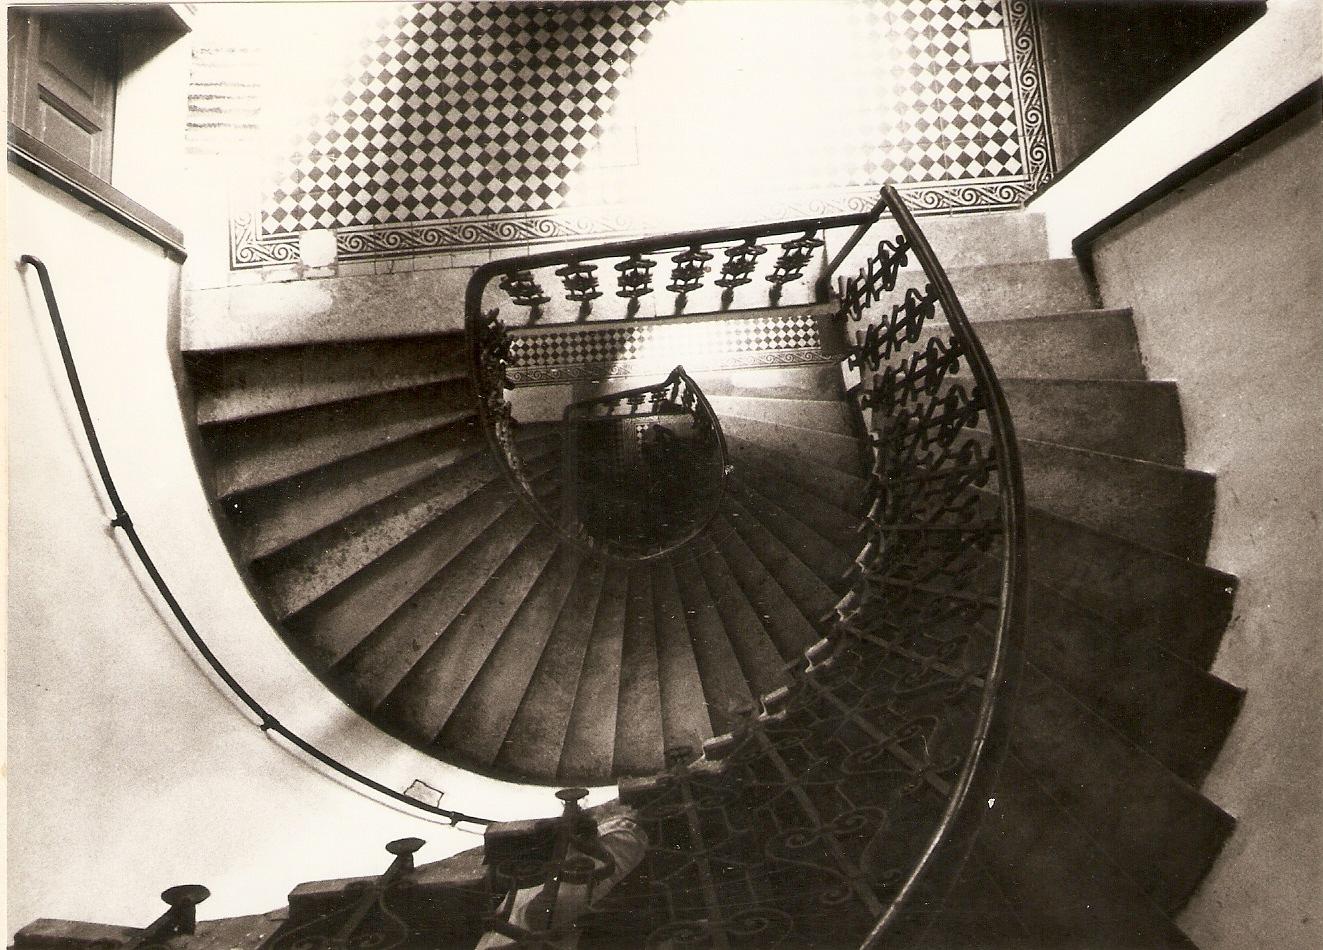 Lépcsőházi szörnyek